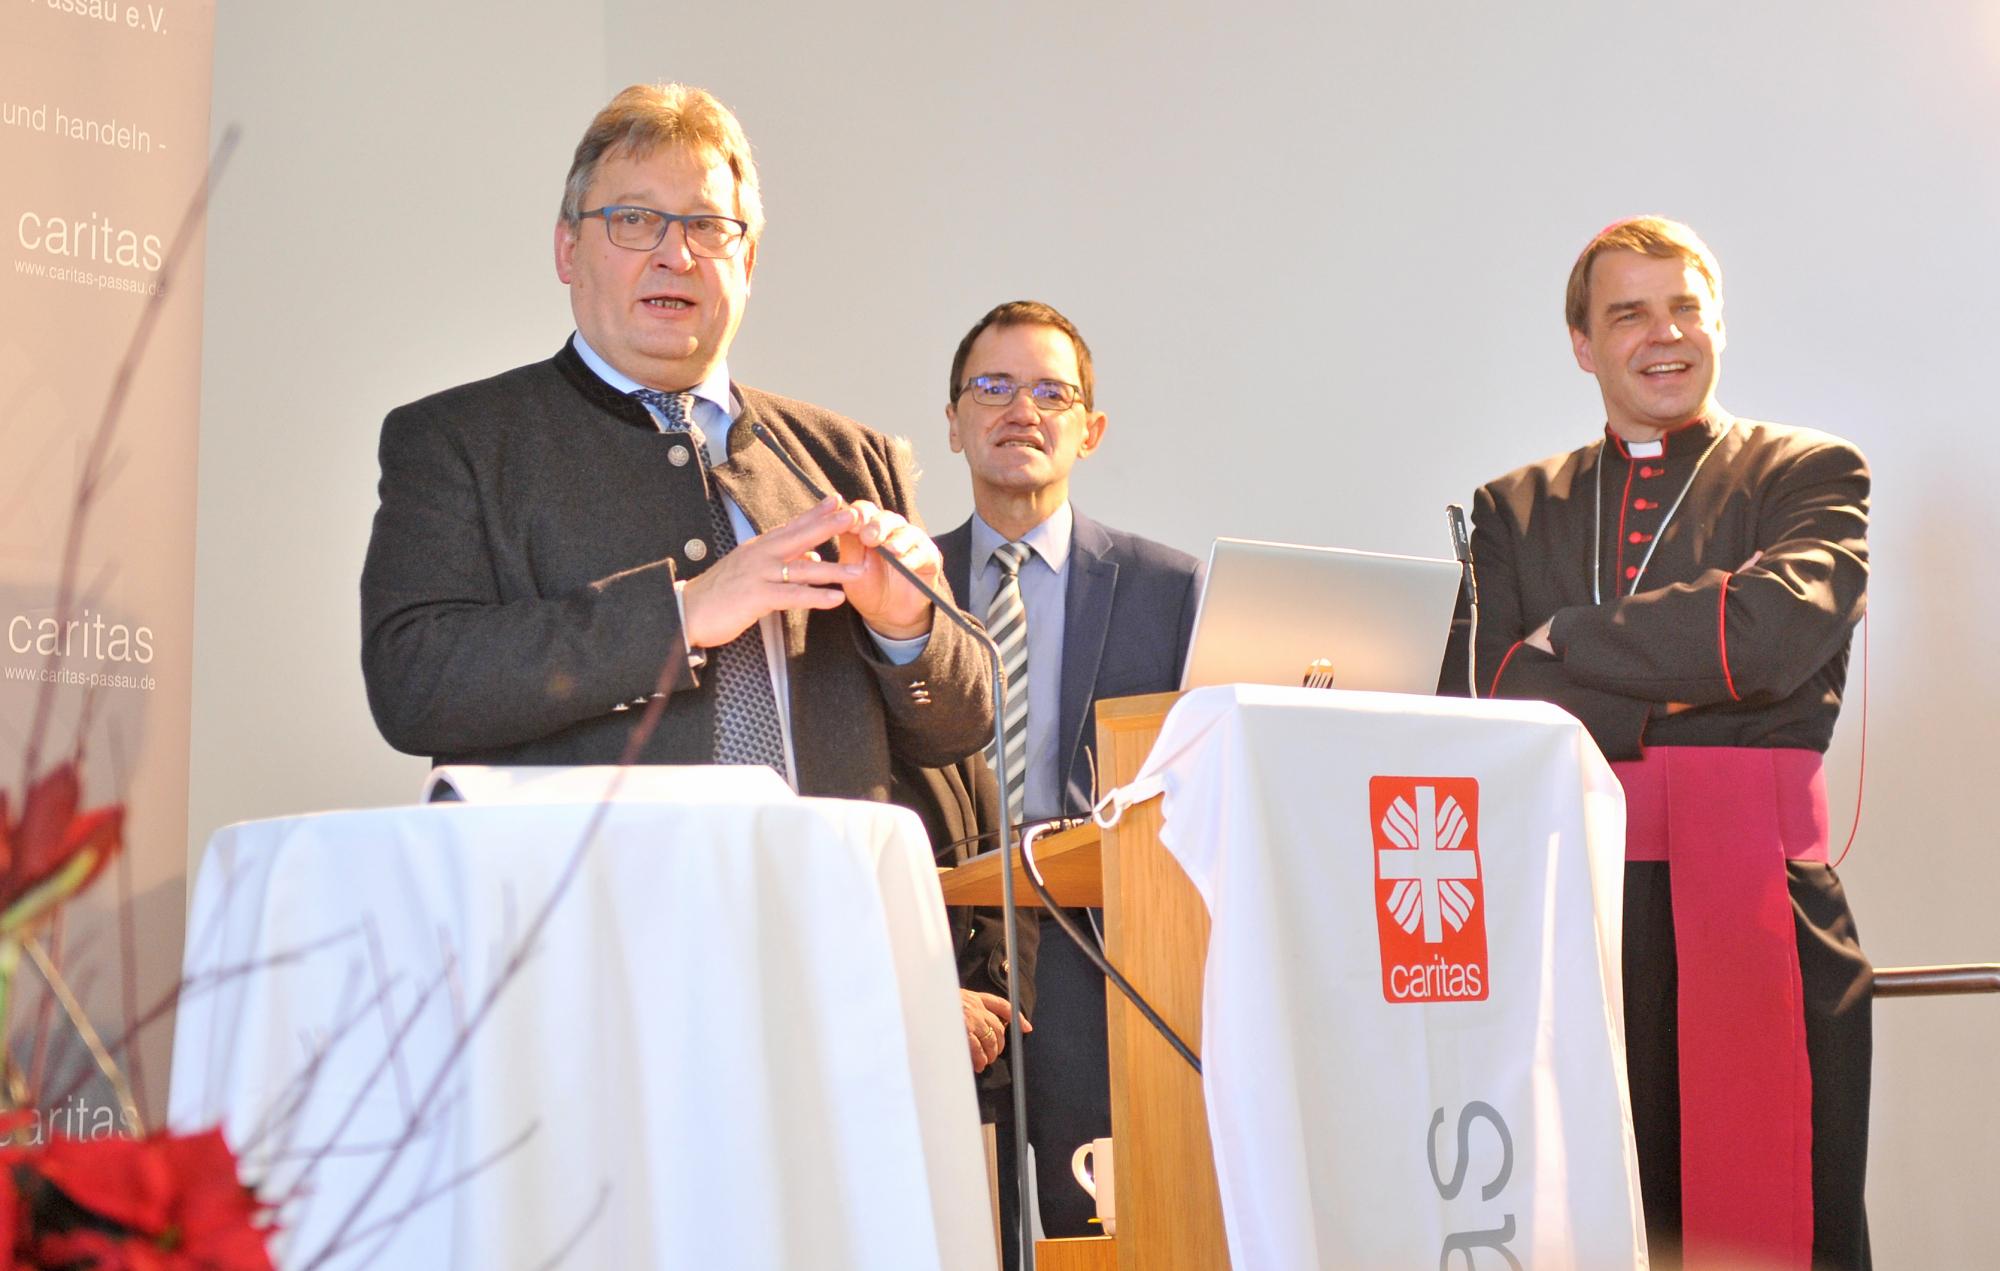 Caritasvorstände-und-Bischof-Oster-sagen-Danke-88071